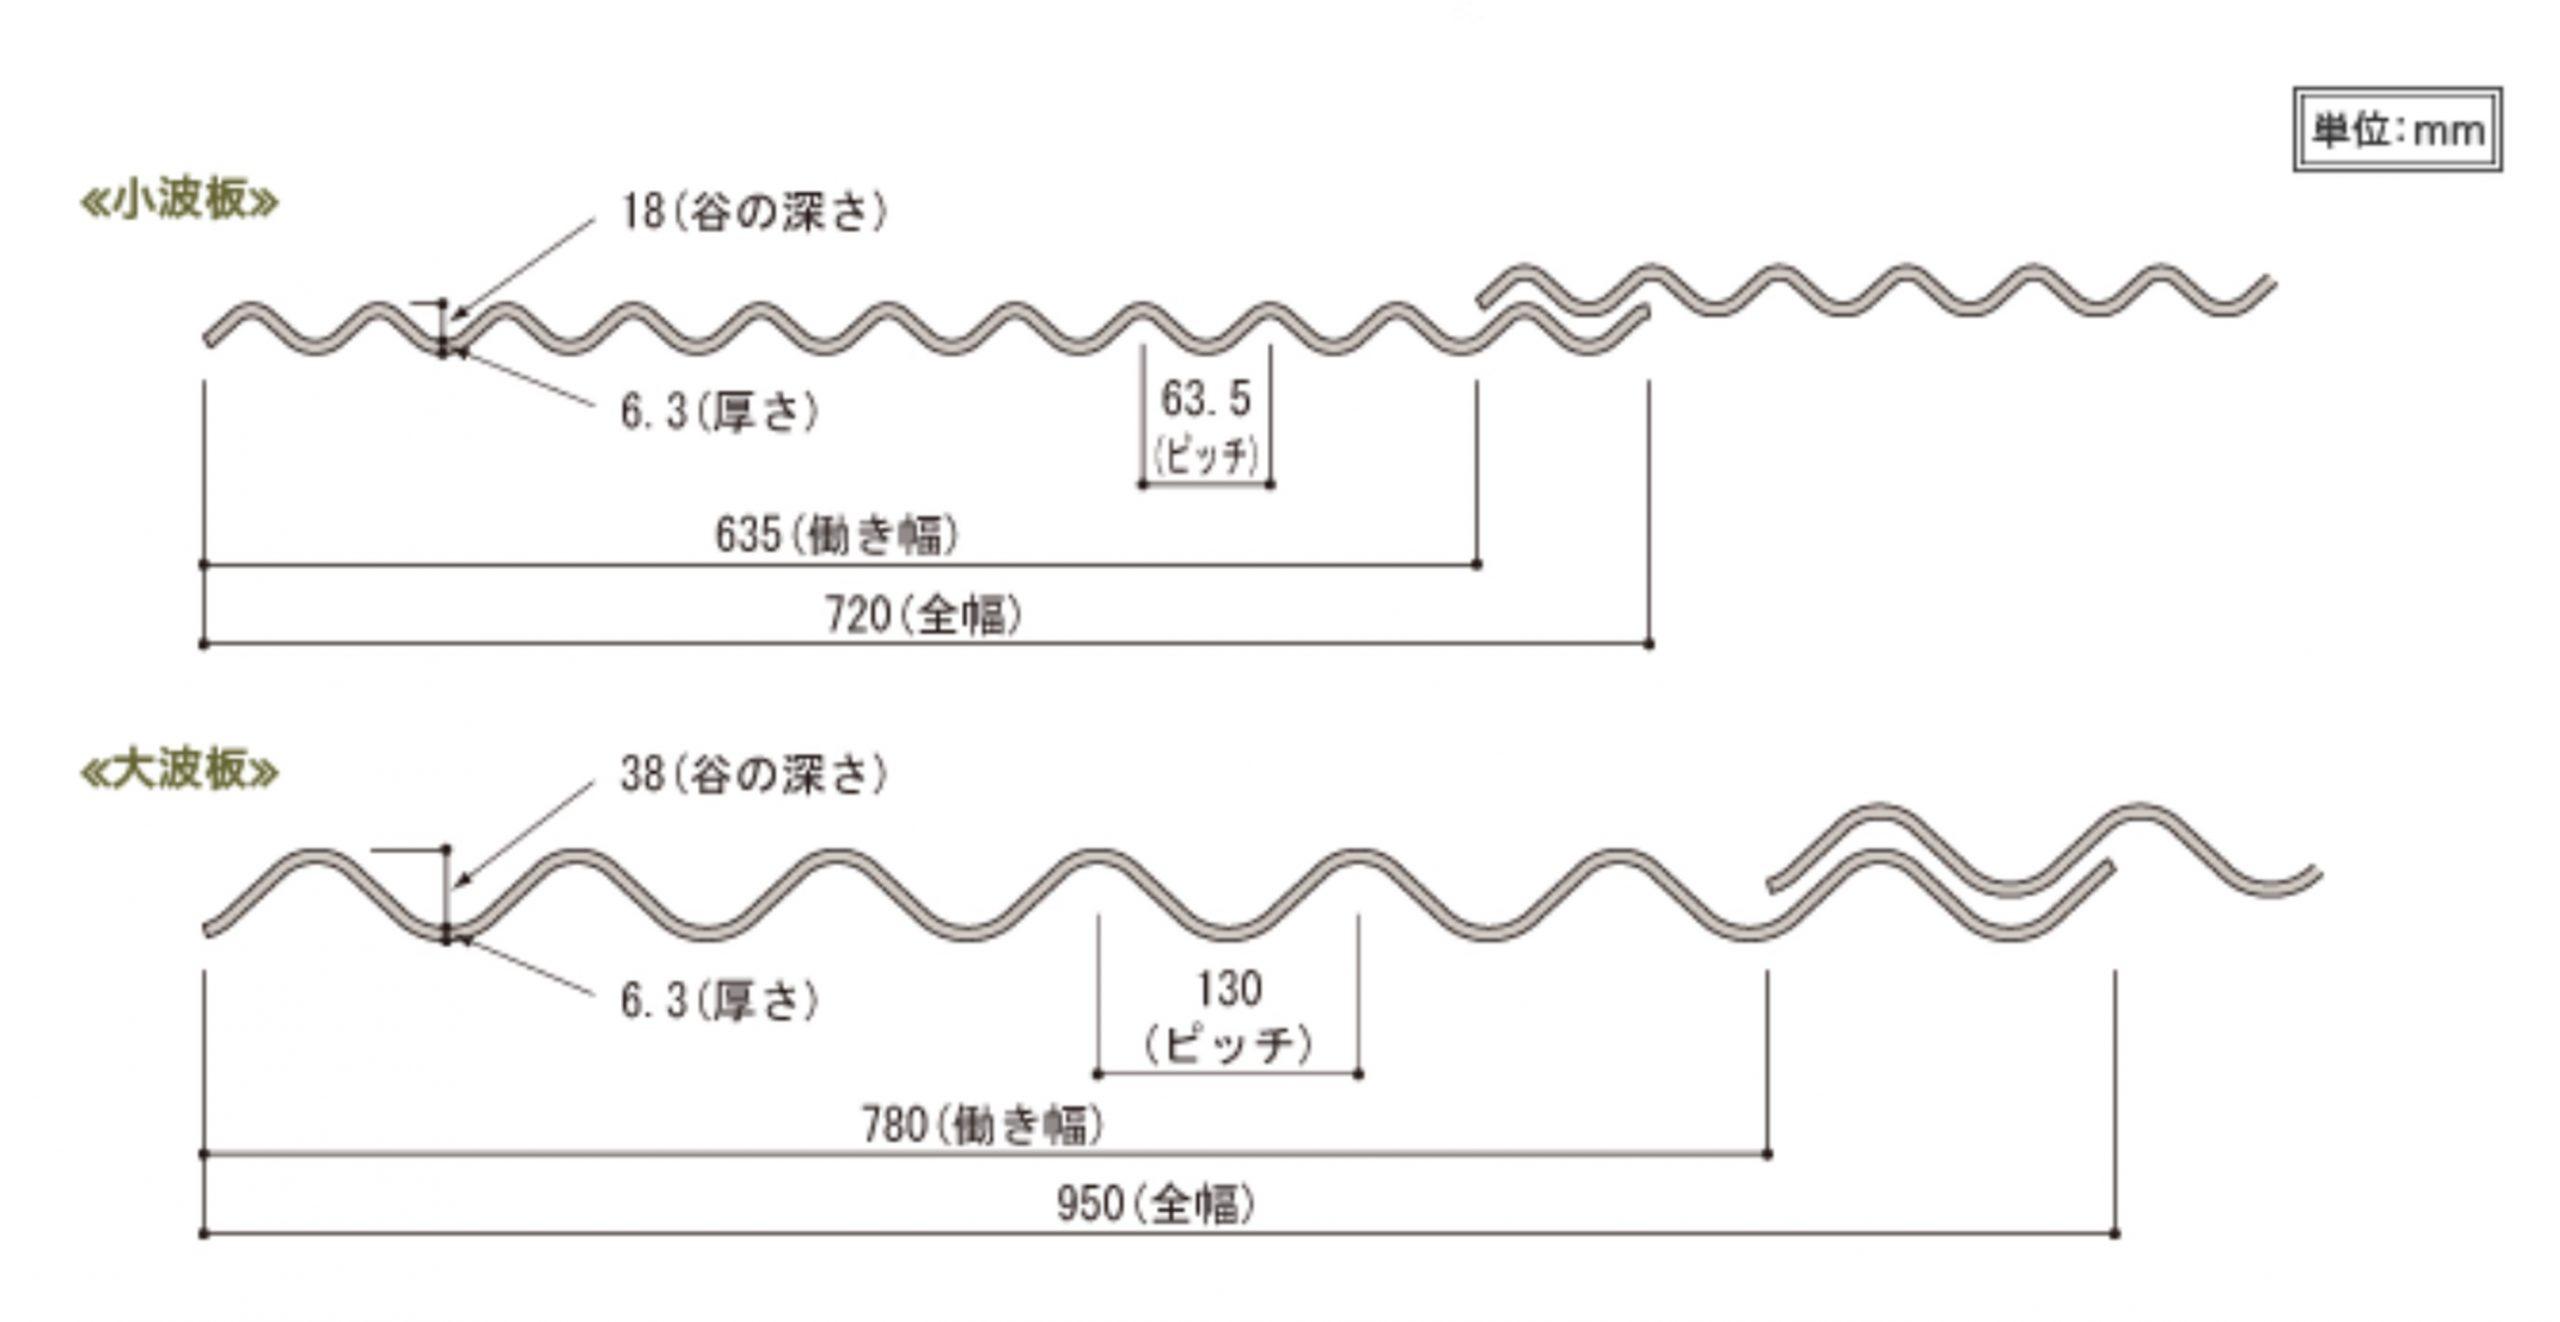 呉市波形スレート屋根スレート規格